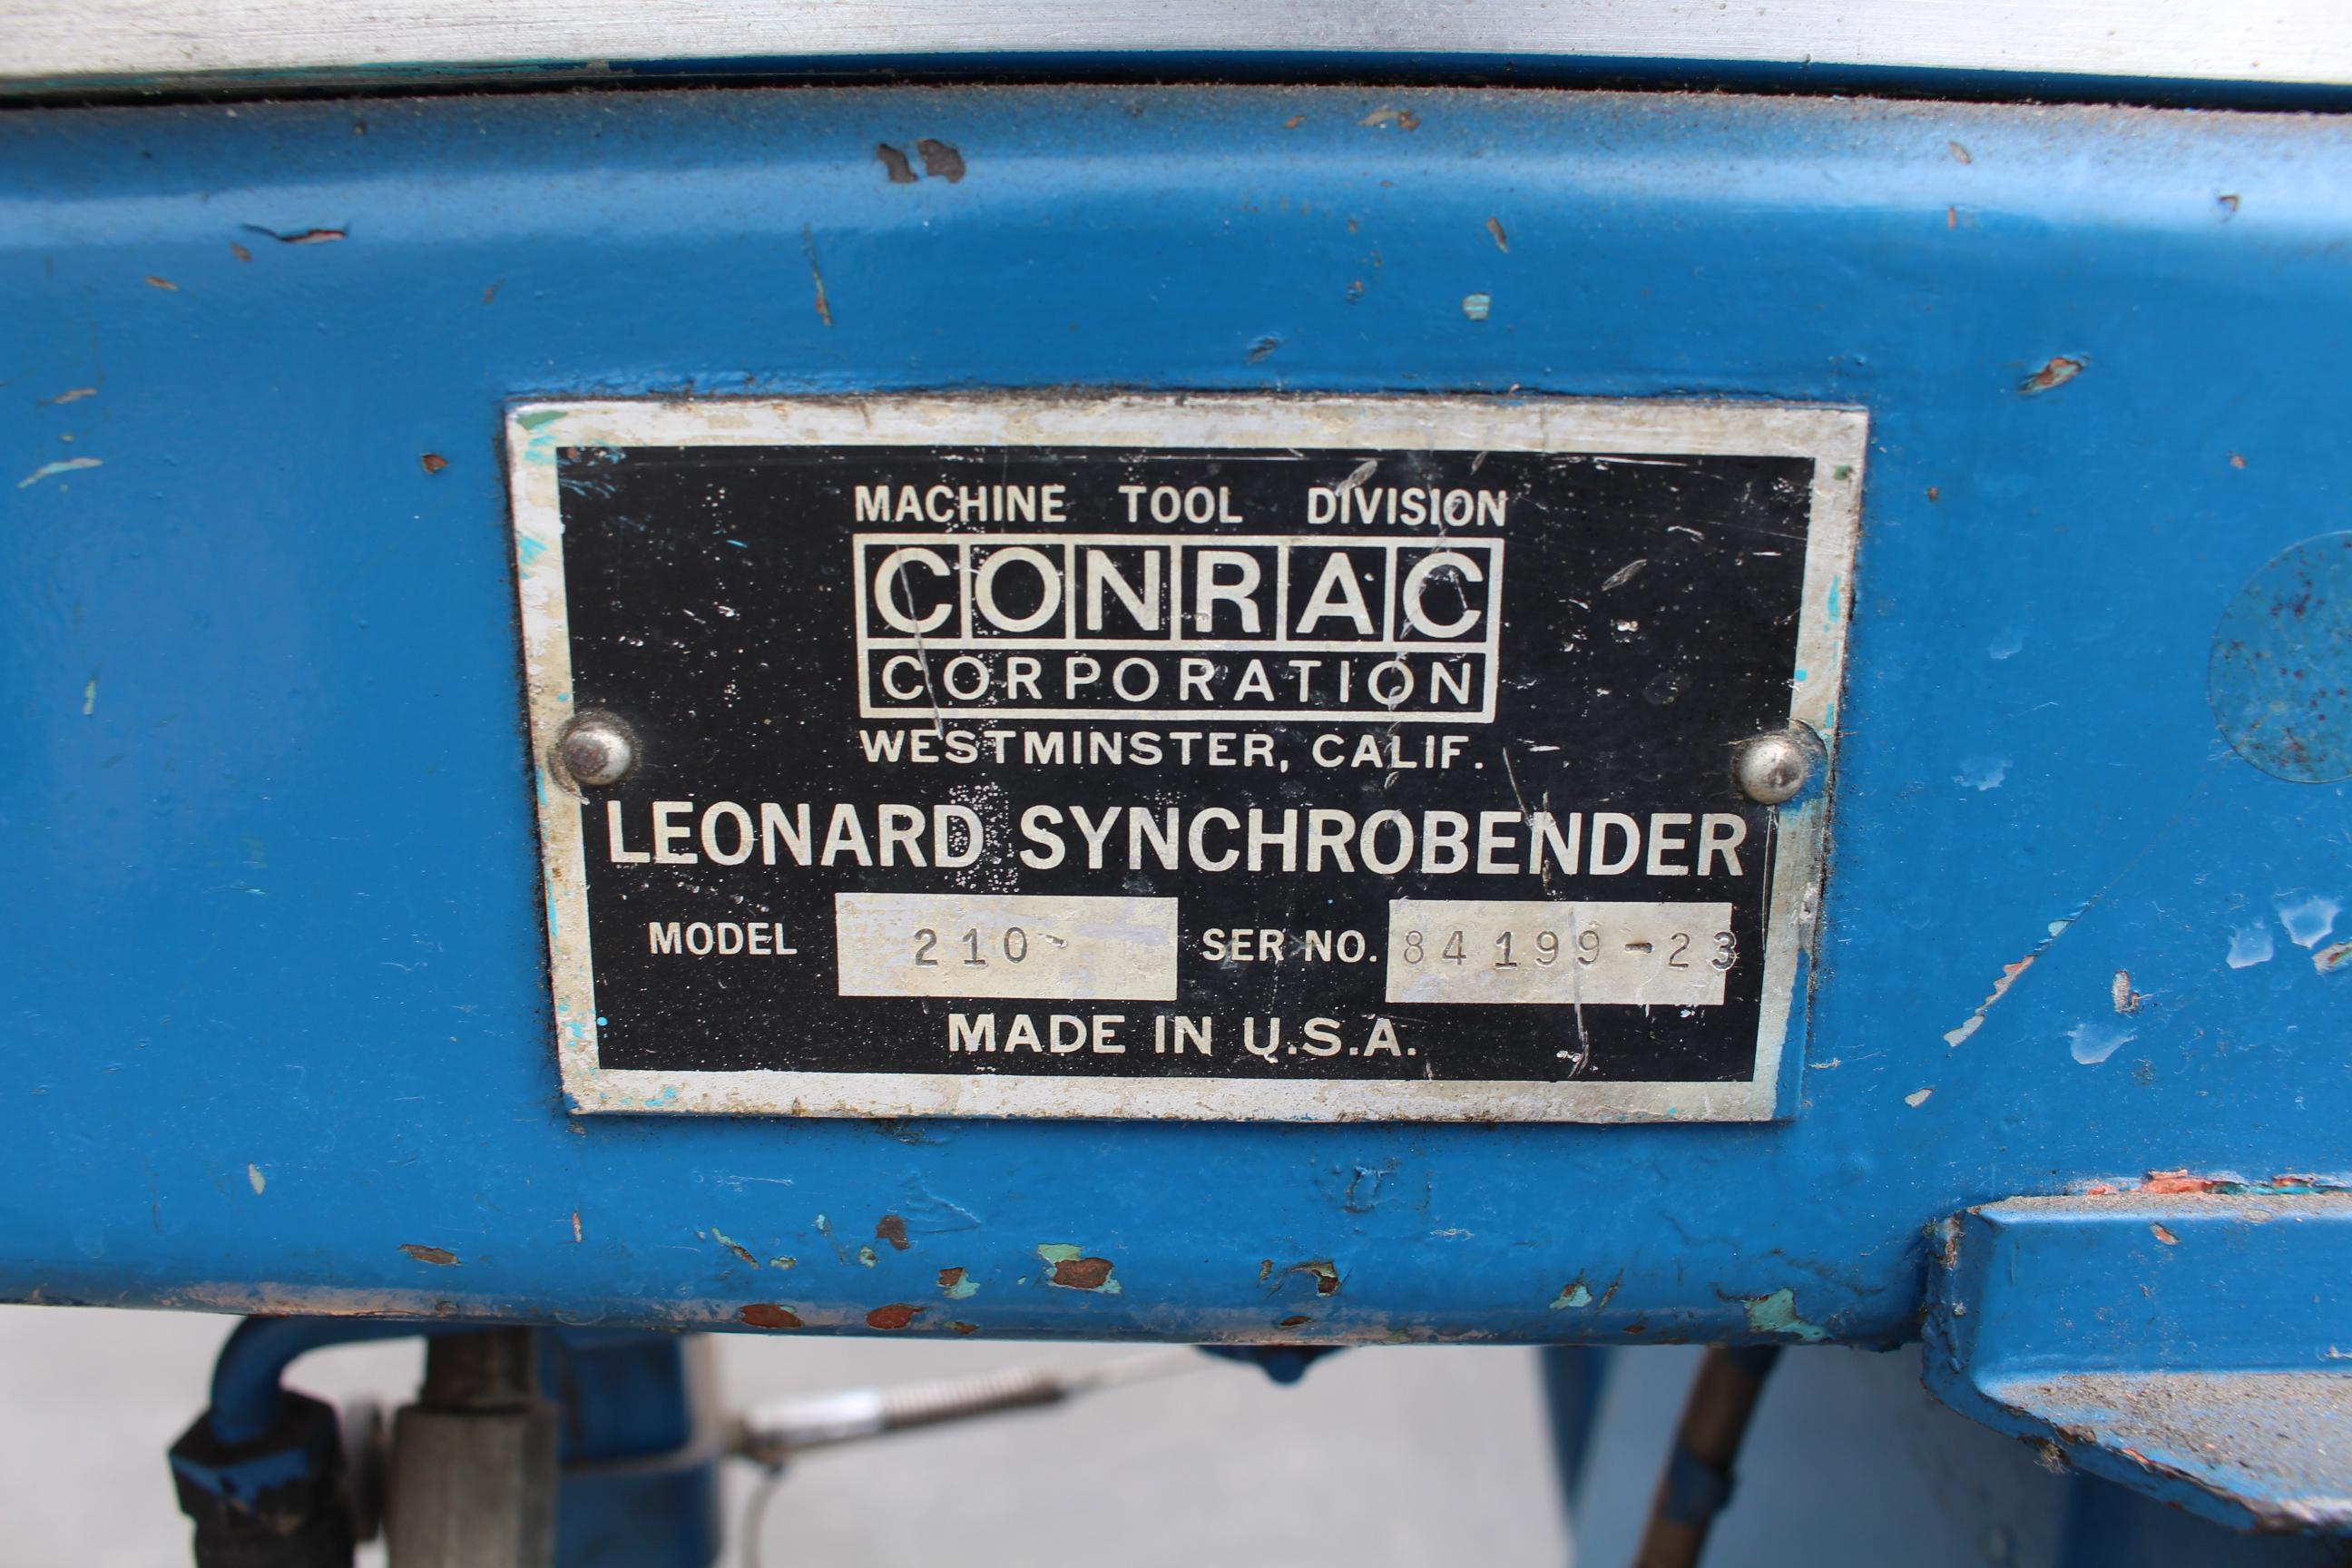 """Lot 14 - CONRAC LEONARD SYNCHROBENDER MODEL 210 TUBE BENDER, 2"""" OD, 10' TUBE LENGTH, S/N 84199-23"""